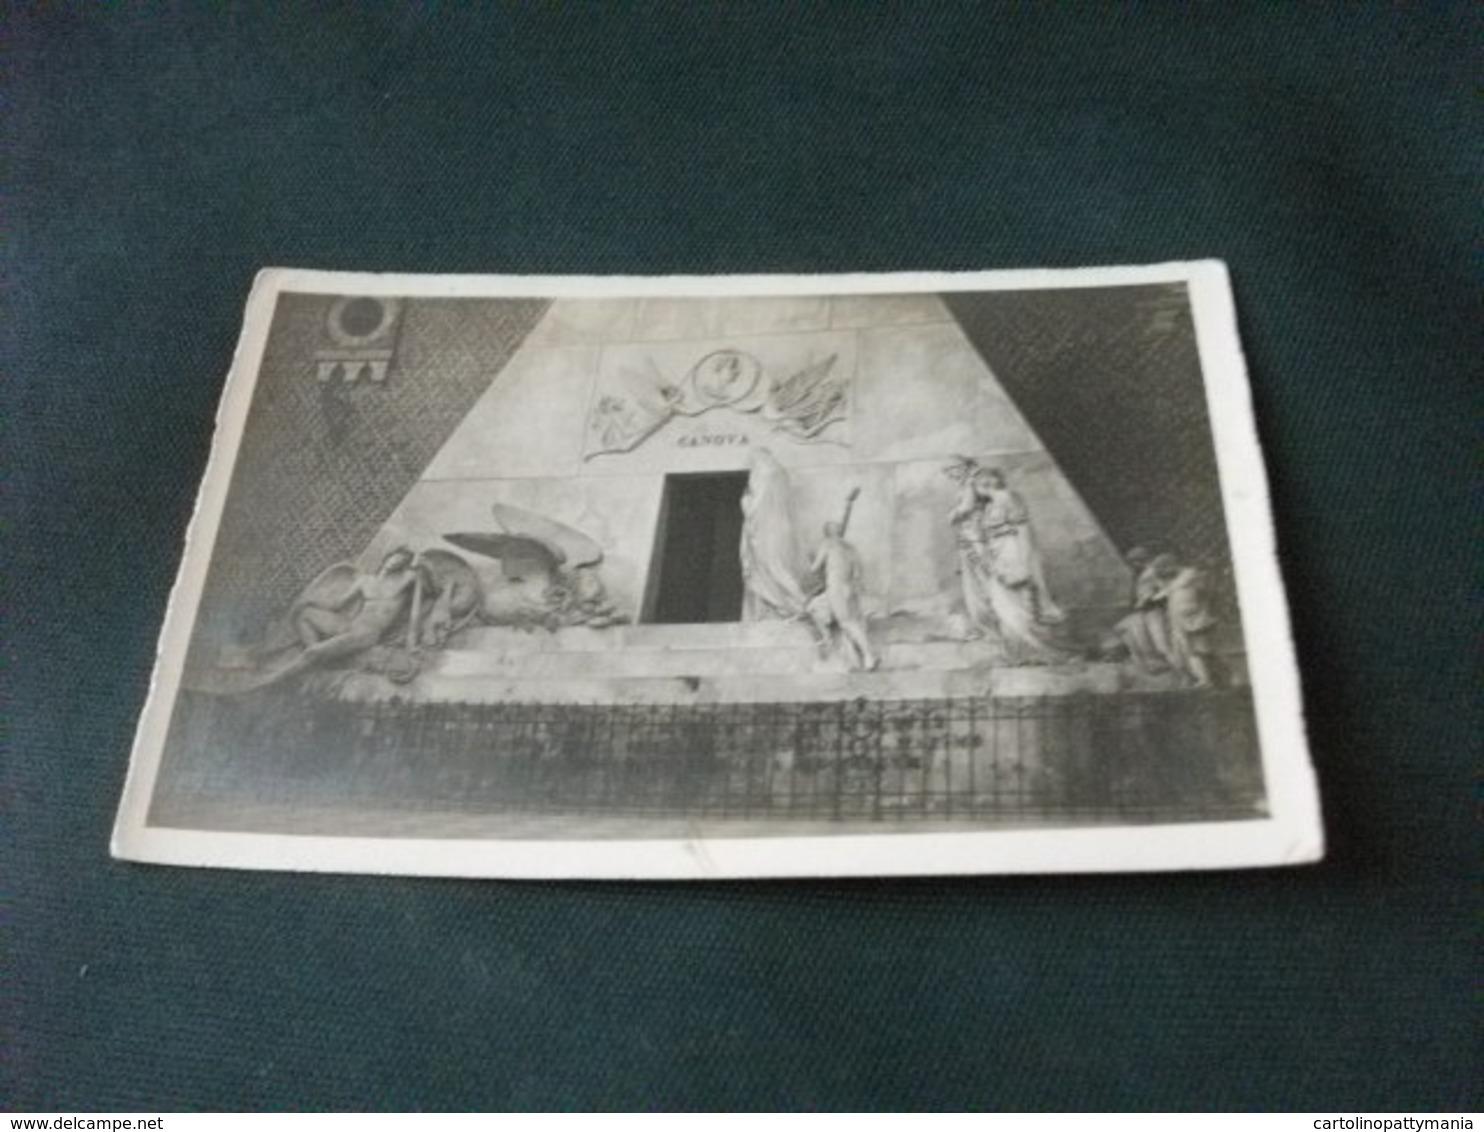 PICCOLO FORMATO VENEZIA CHIESA DI S. M. GLORIOSA DEI FRATI MONUMENTO A CANOVA DETTAGLIO - Sculture